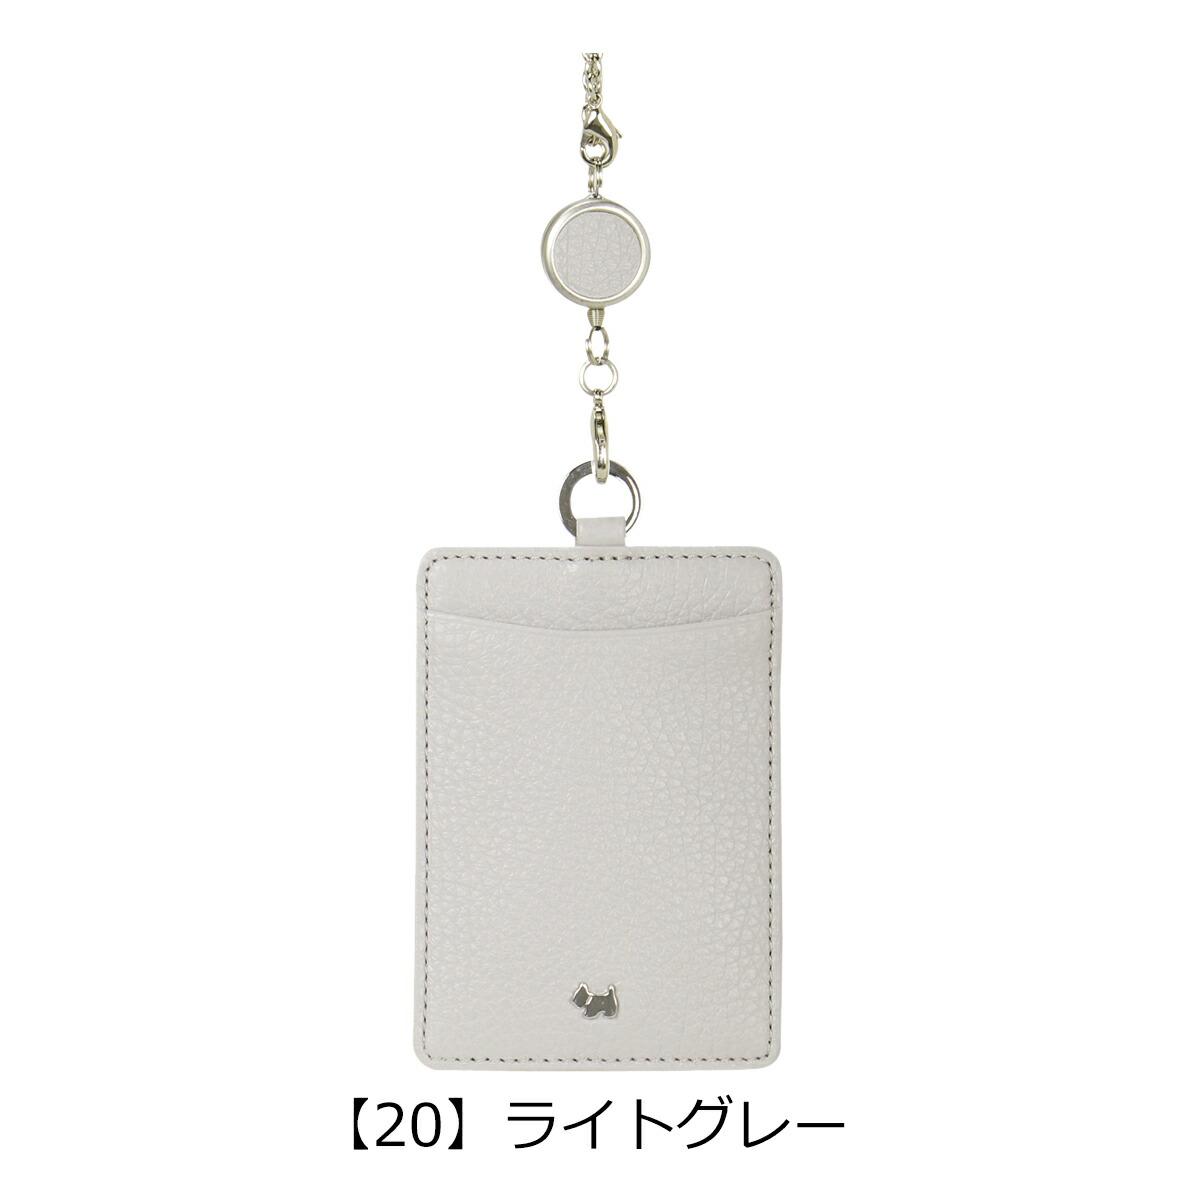 【20】ライトグレー